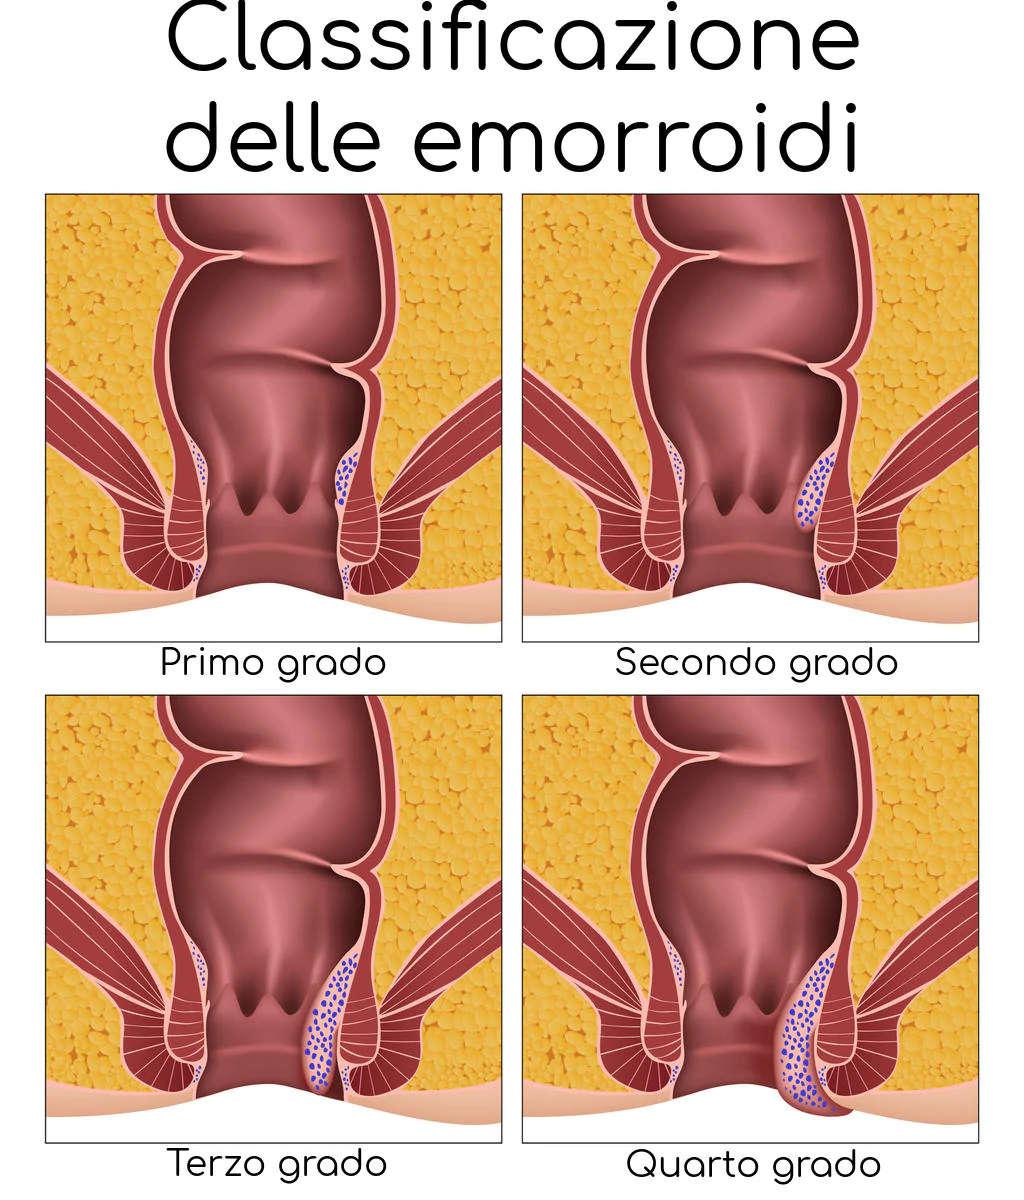 Stadi e classificazione della malattia emorroidaria